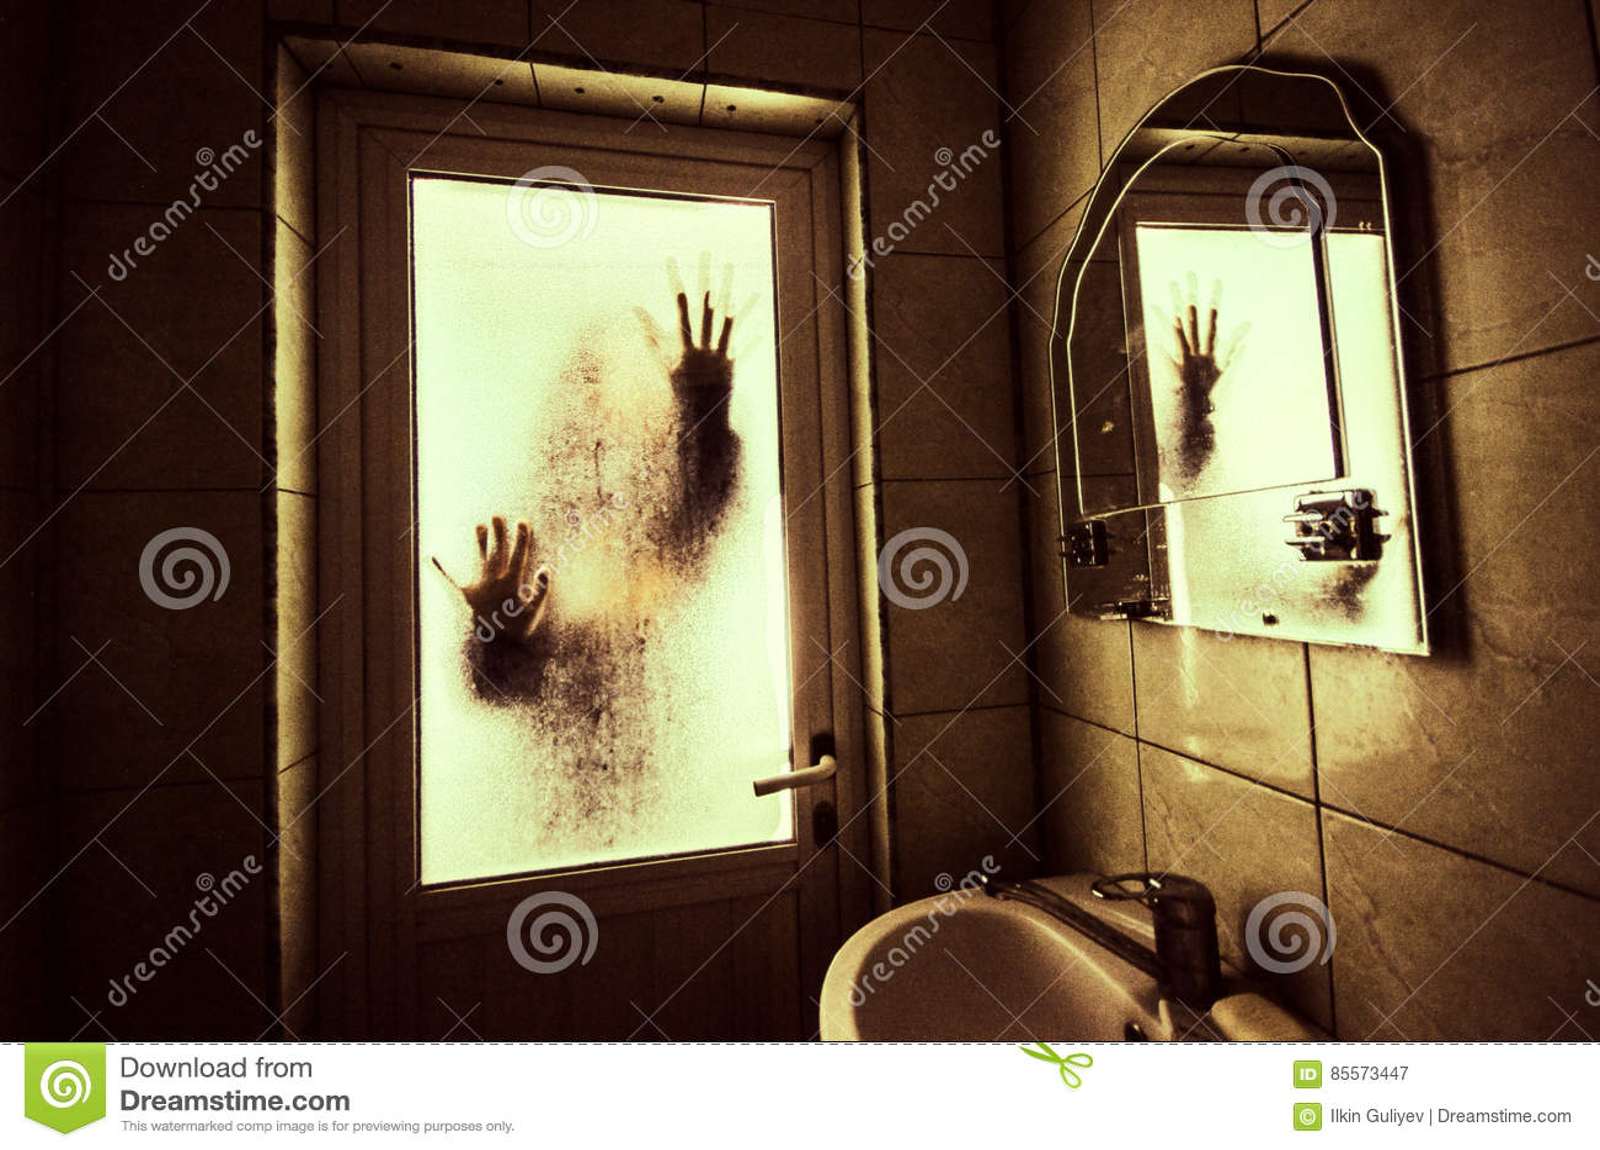 Horrorfrau in Griffkäfigs des Fensters Szenen-Halloween-Konzept des hölzernen Handfurchtsamem verwischte Schattenbild der Hexe